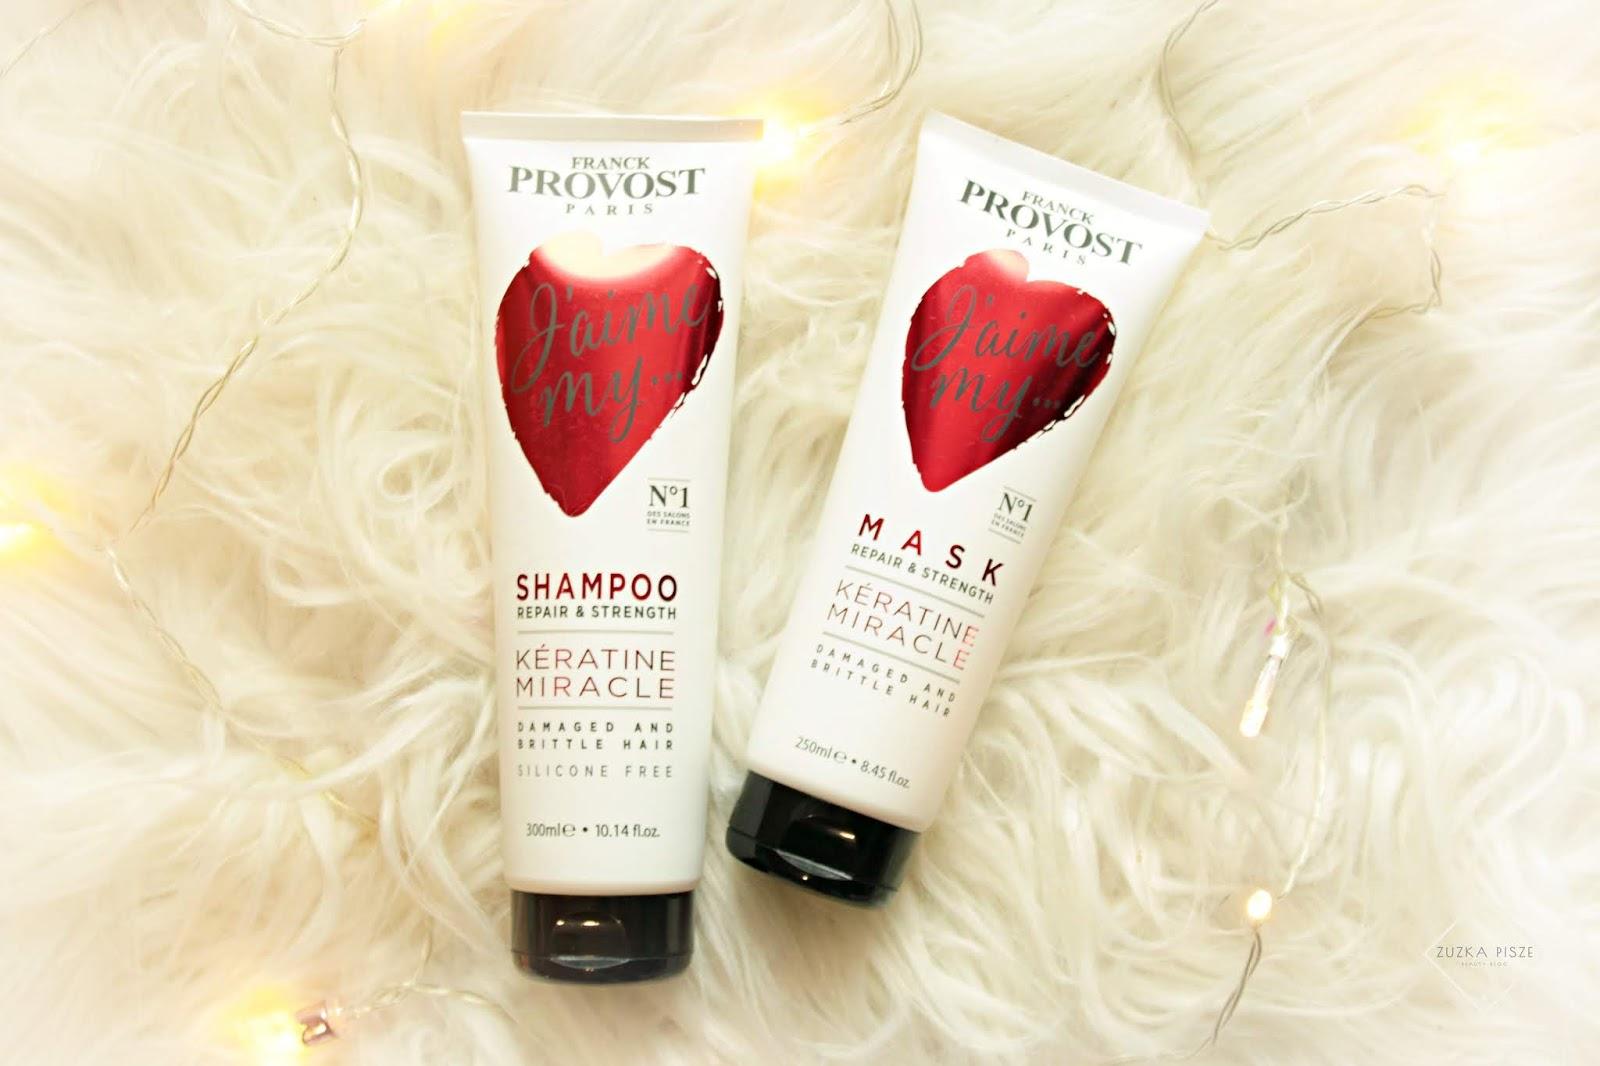 FRANCK PROVOST naprawczo-wzmacniający szampon i maska do włosów